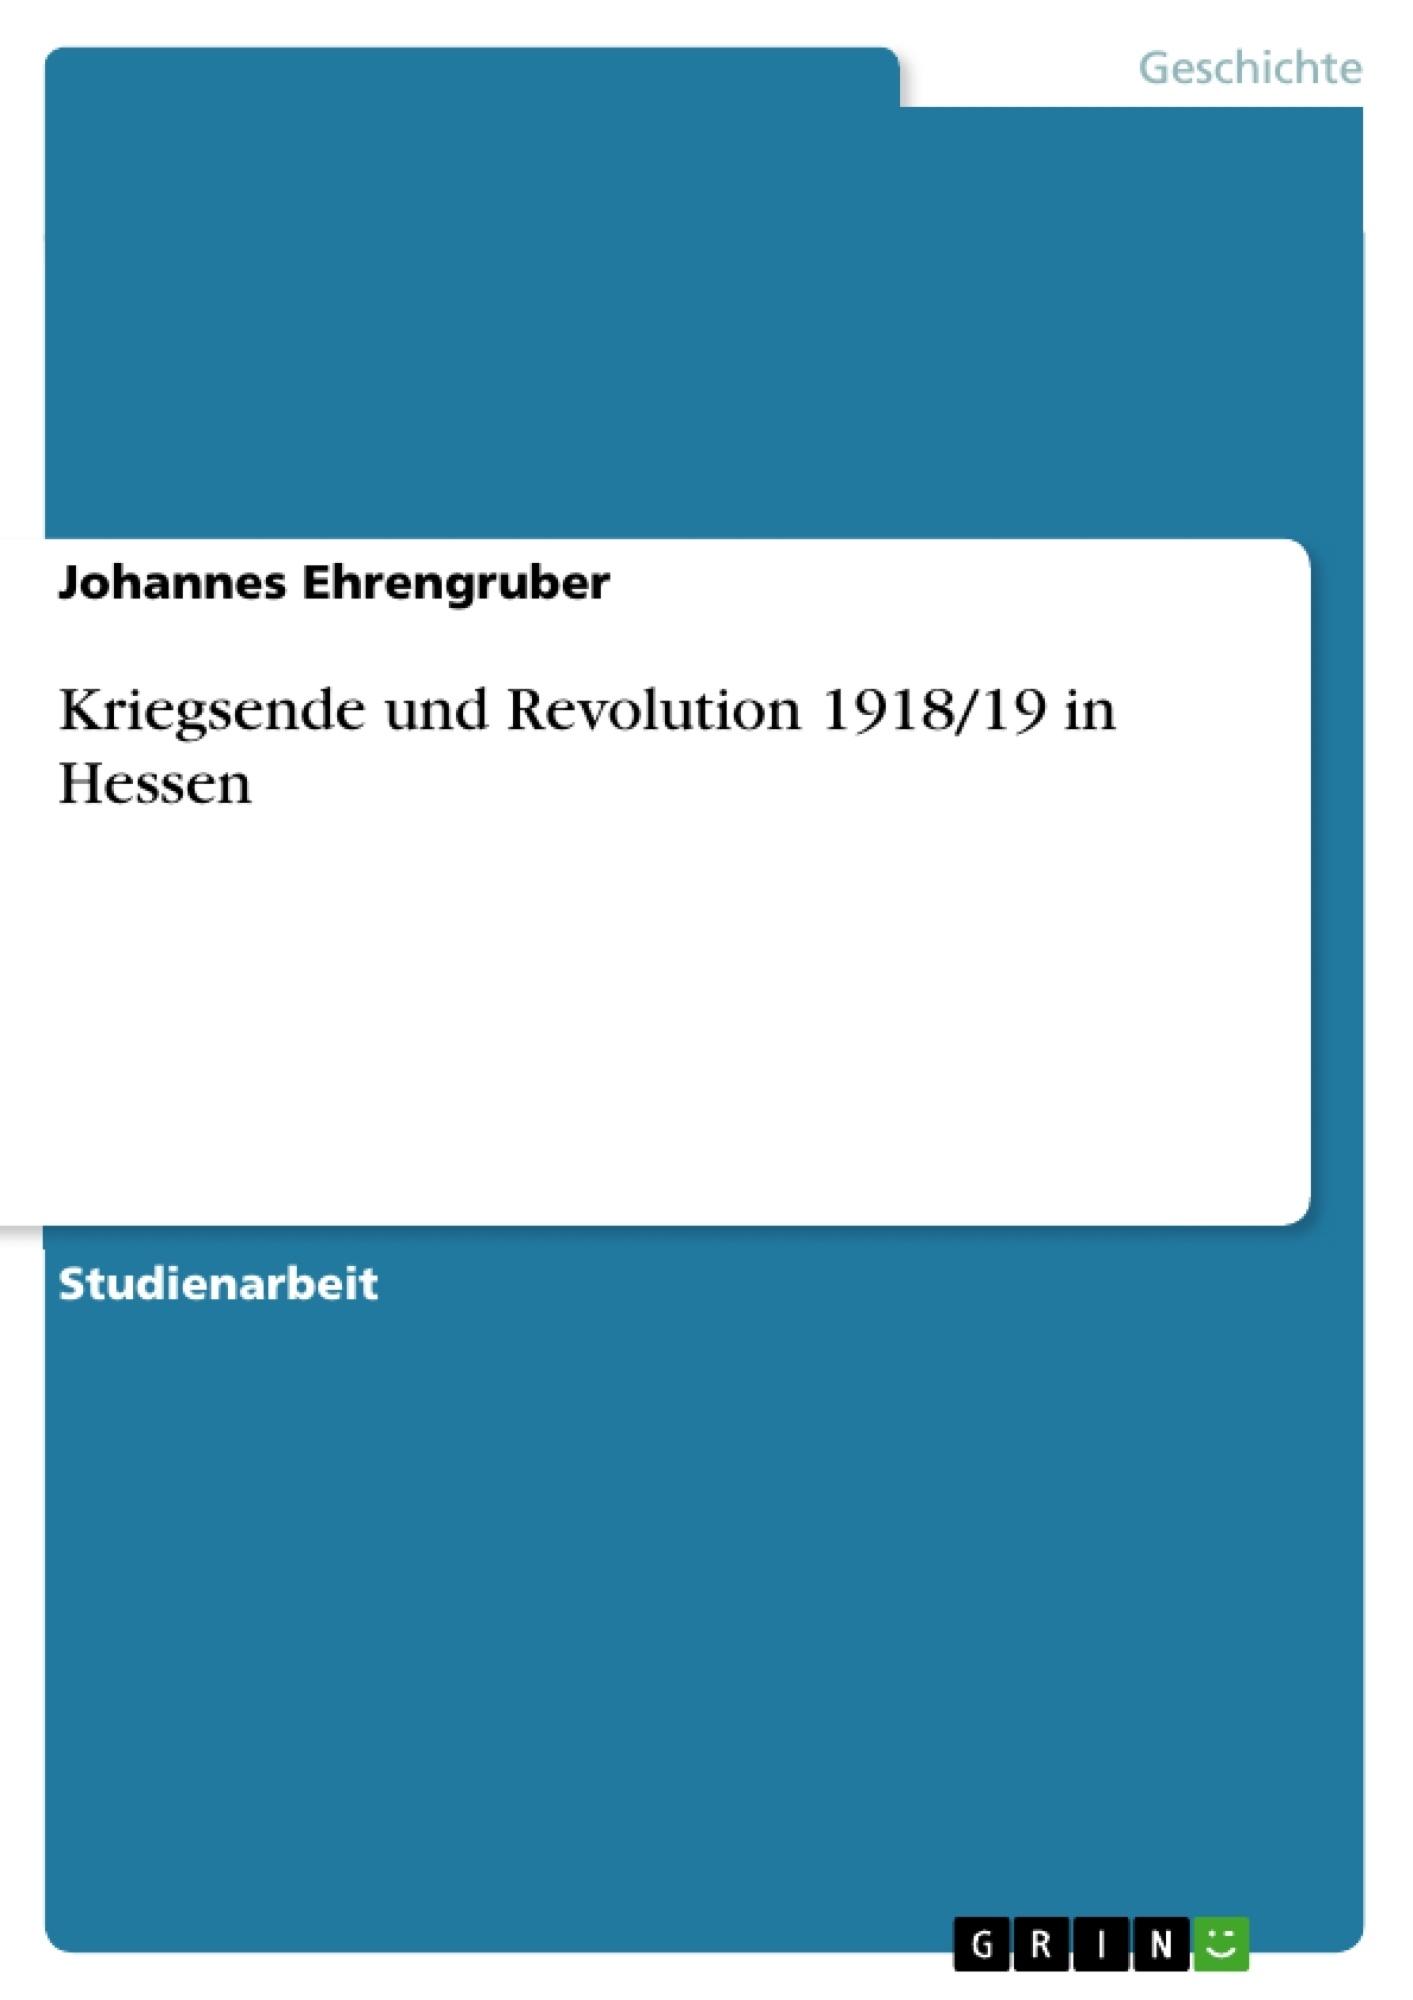 Titel: Kriegsende und Revolution 1918/19 in Hessen